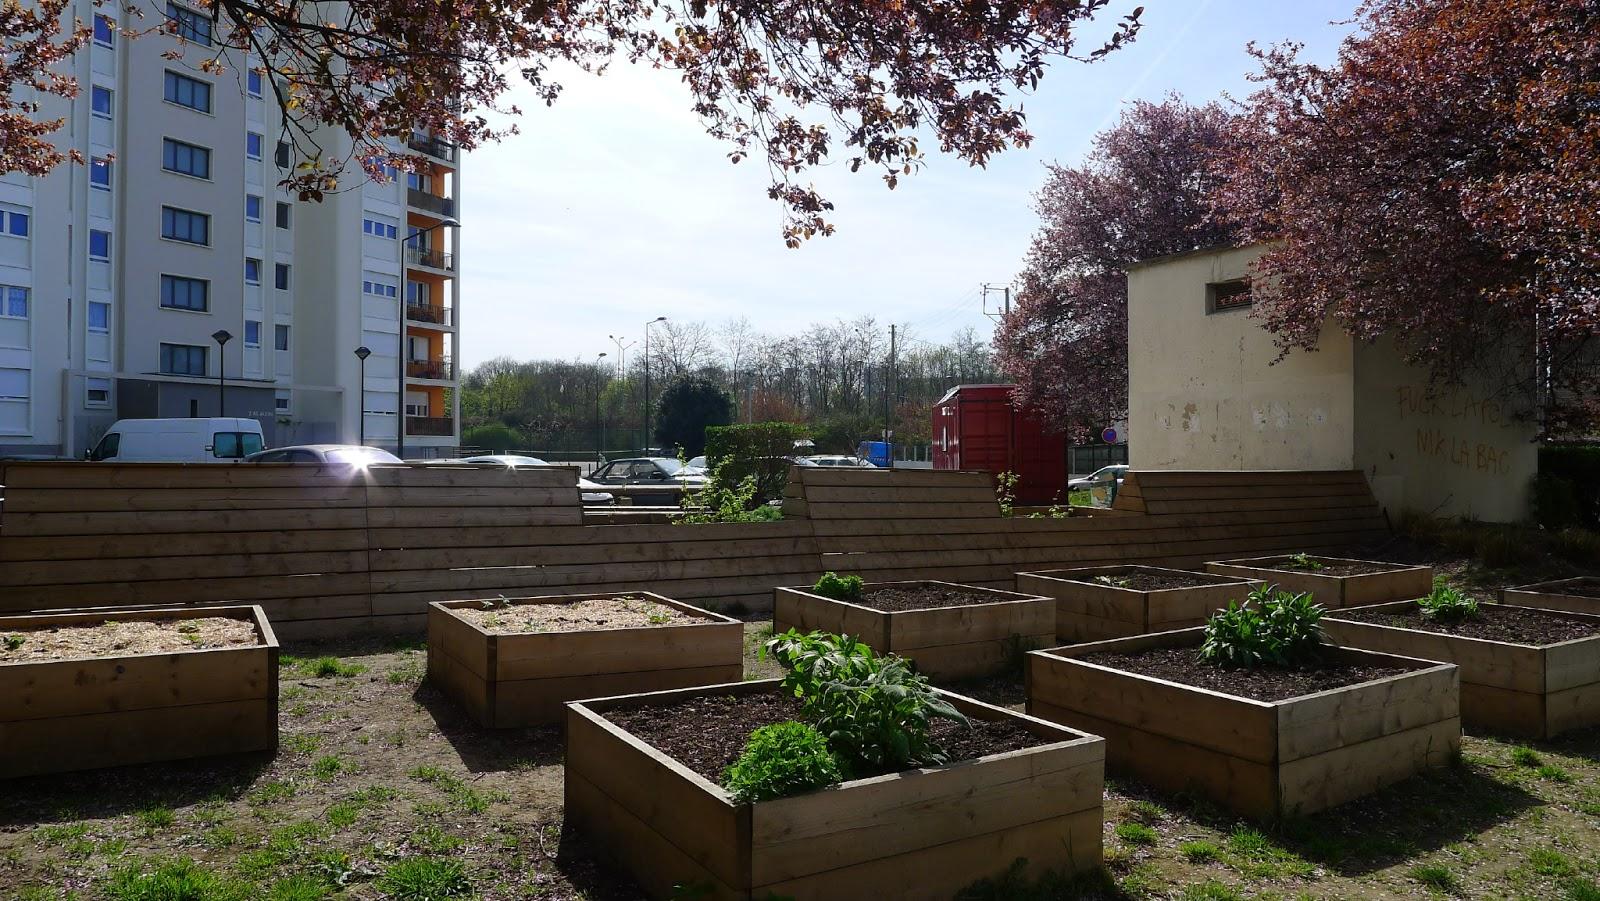 La fabrique de potager du collectif cochenko dans la cit joliot curie saint denis - Mobilier jardin oriental saint denis ...